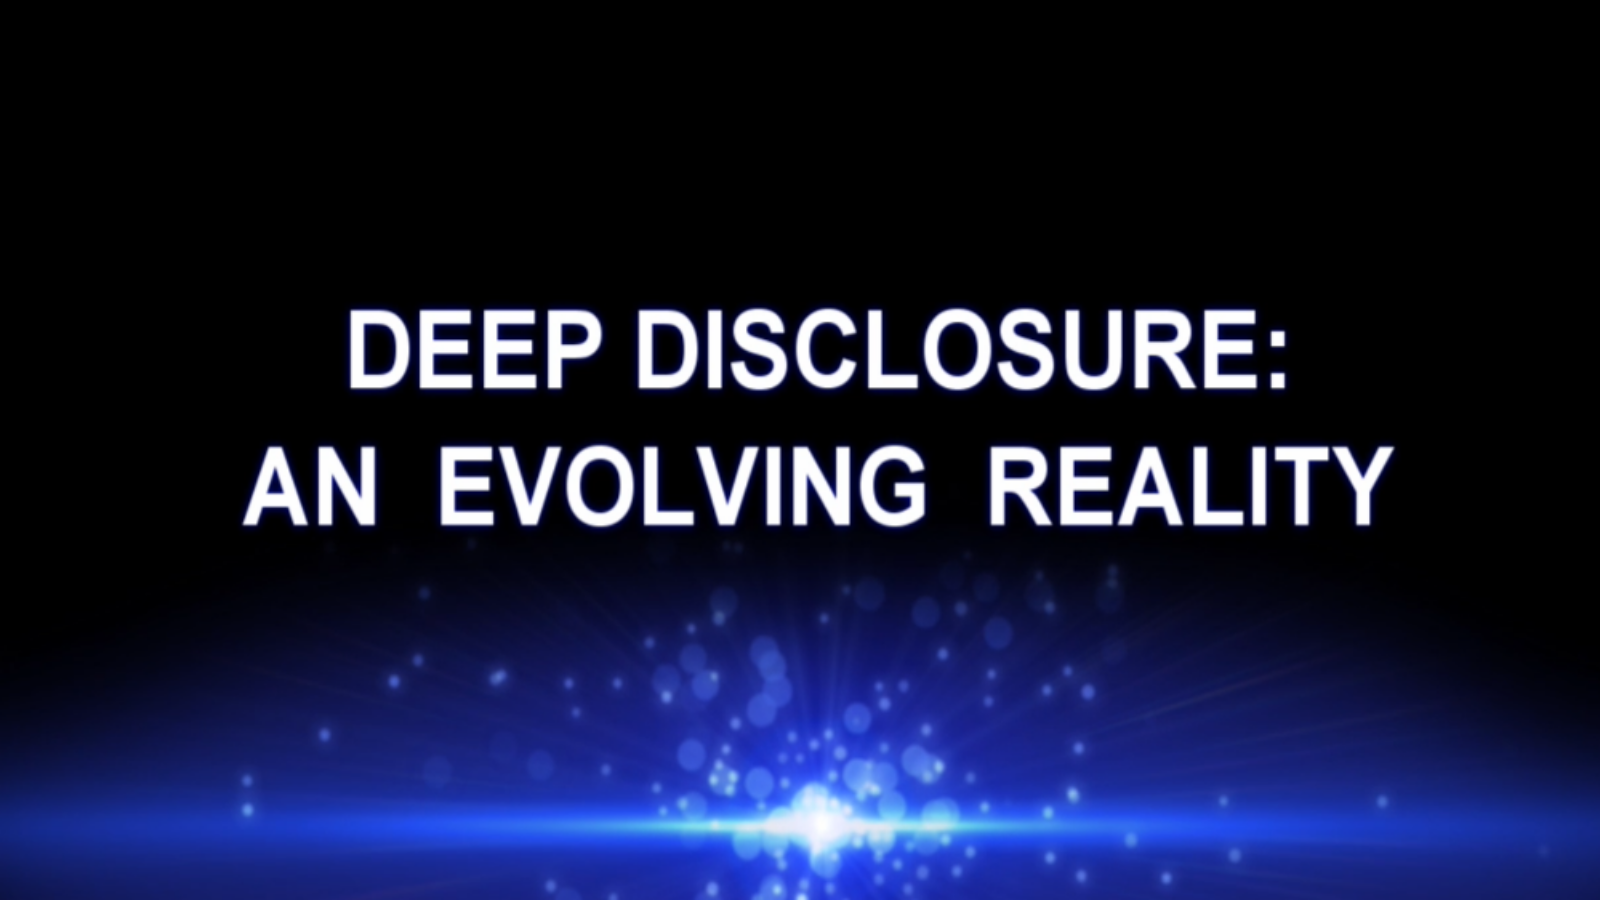 Deep Disclosure